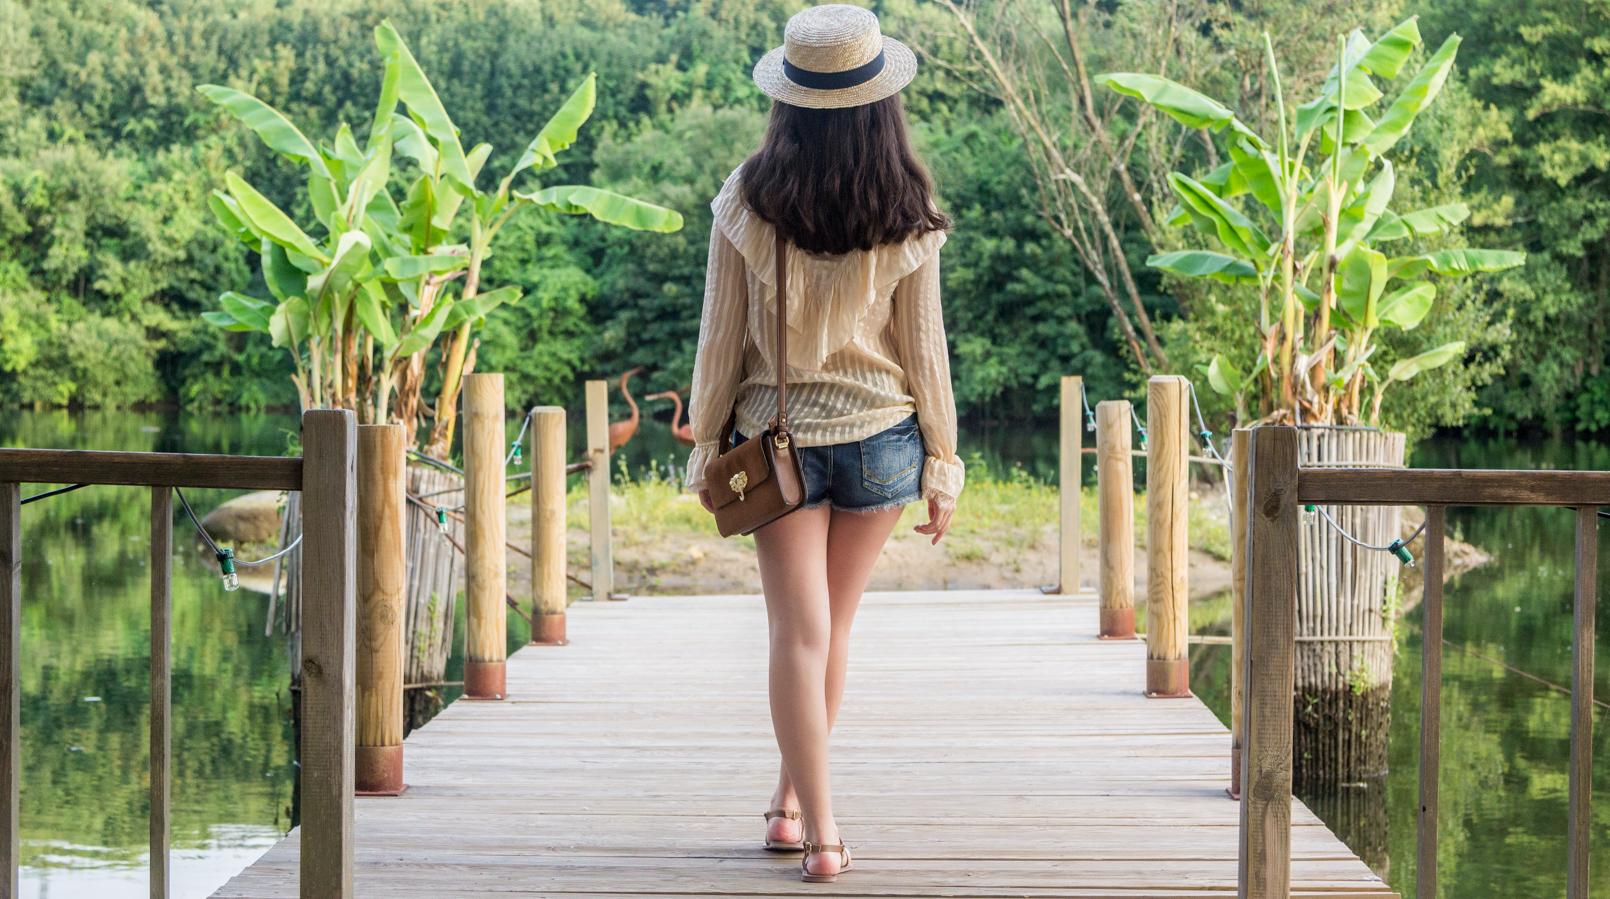 Le Fashionaire Quem já foi a Bali? chapeu palha antigo camisa seda bege cordoes folhos atilhos uterque calcoes ganga brilhantes bershka mala castanha pele elefante dourado parfois 4201F PT